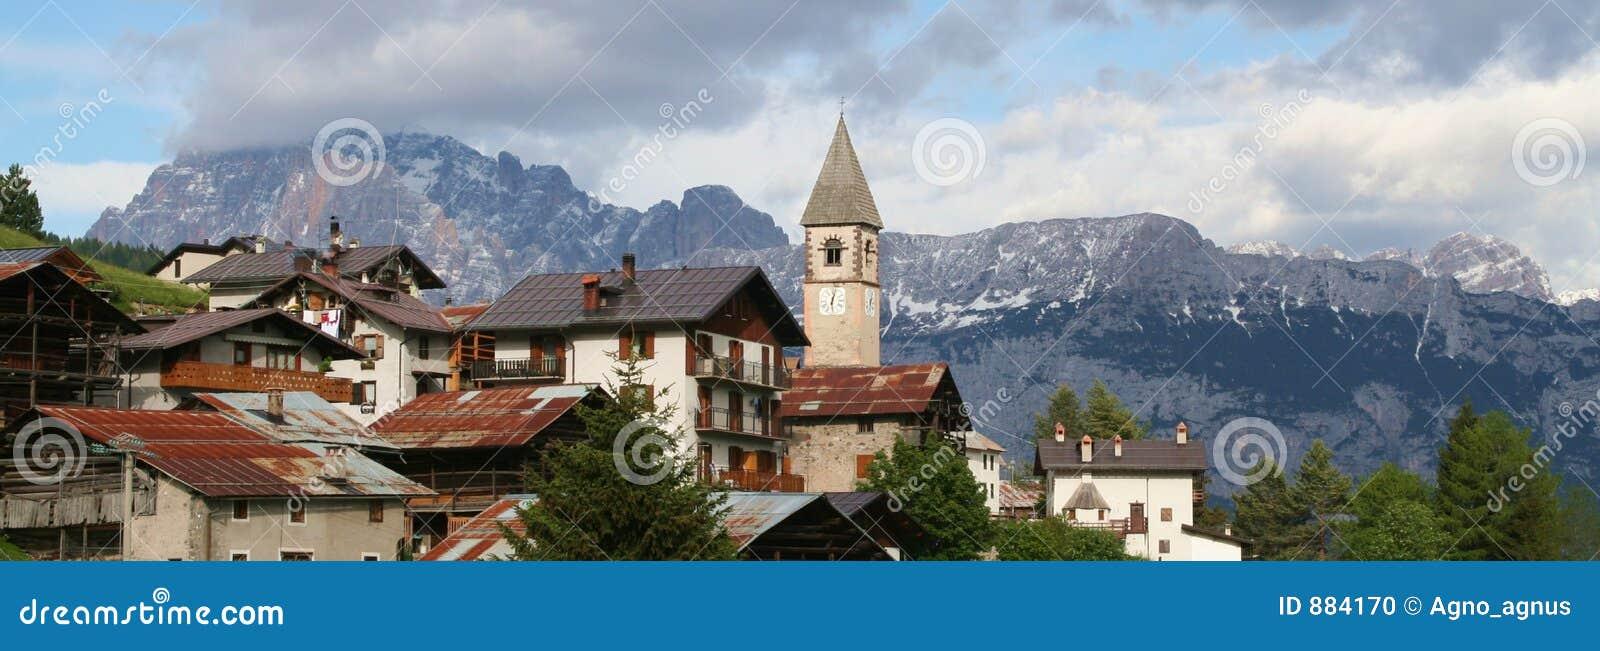 Dolomiti Włoch sappade alpy